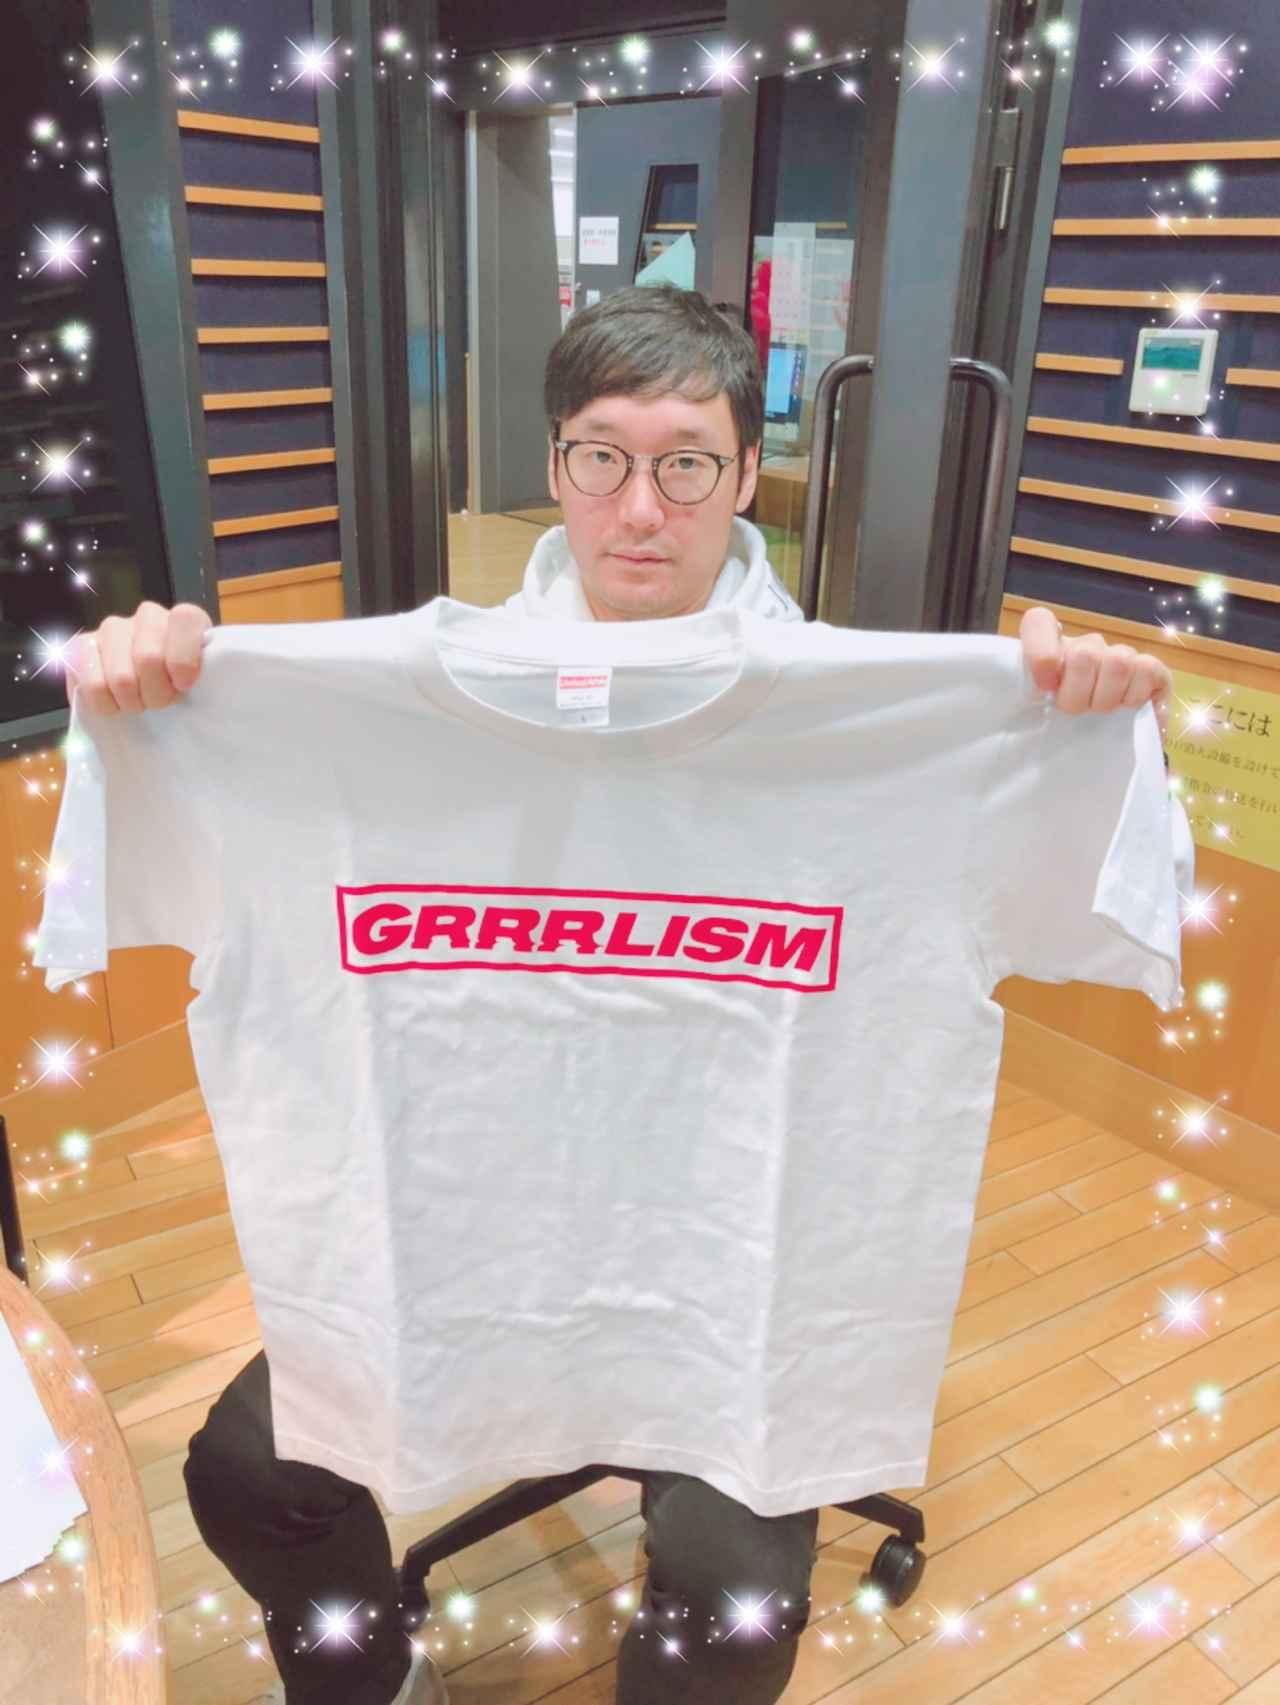 画像: 今日のプレゼント「あっこゴリラのTシャツ」です!